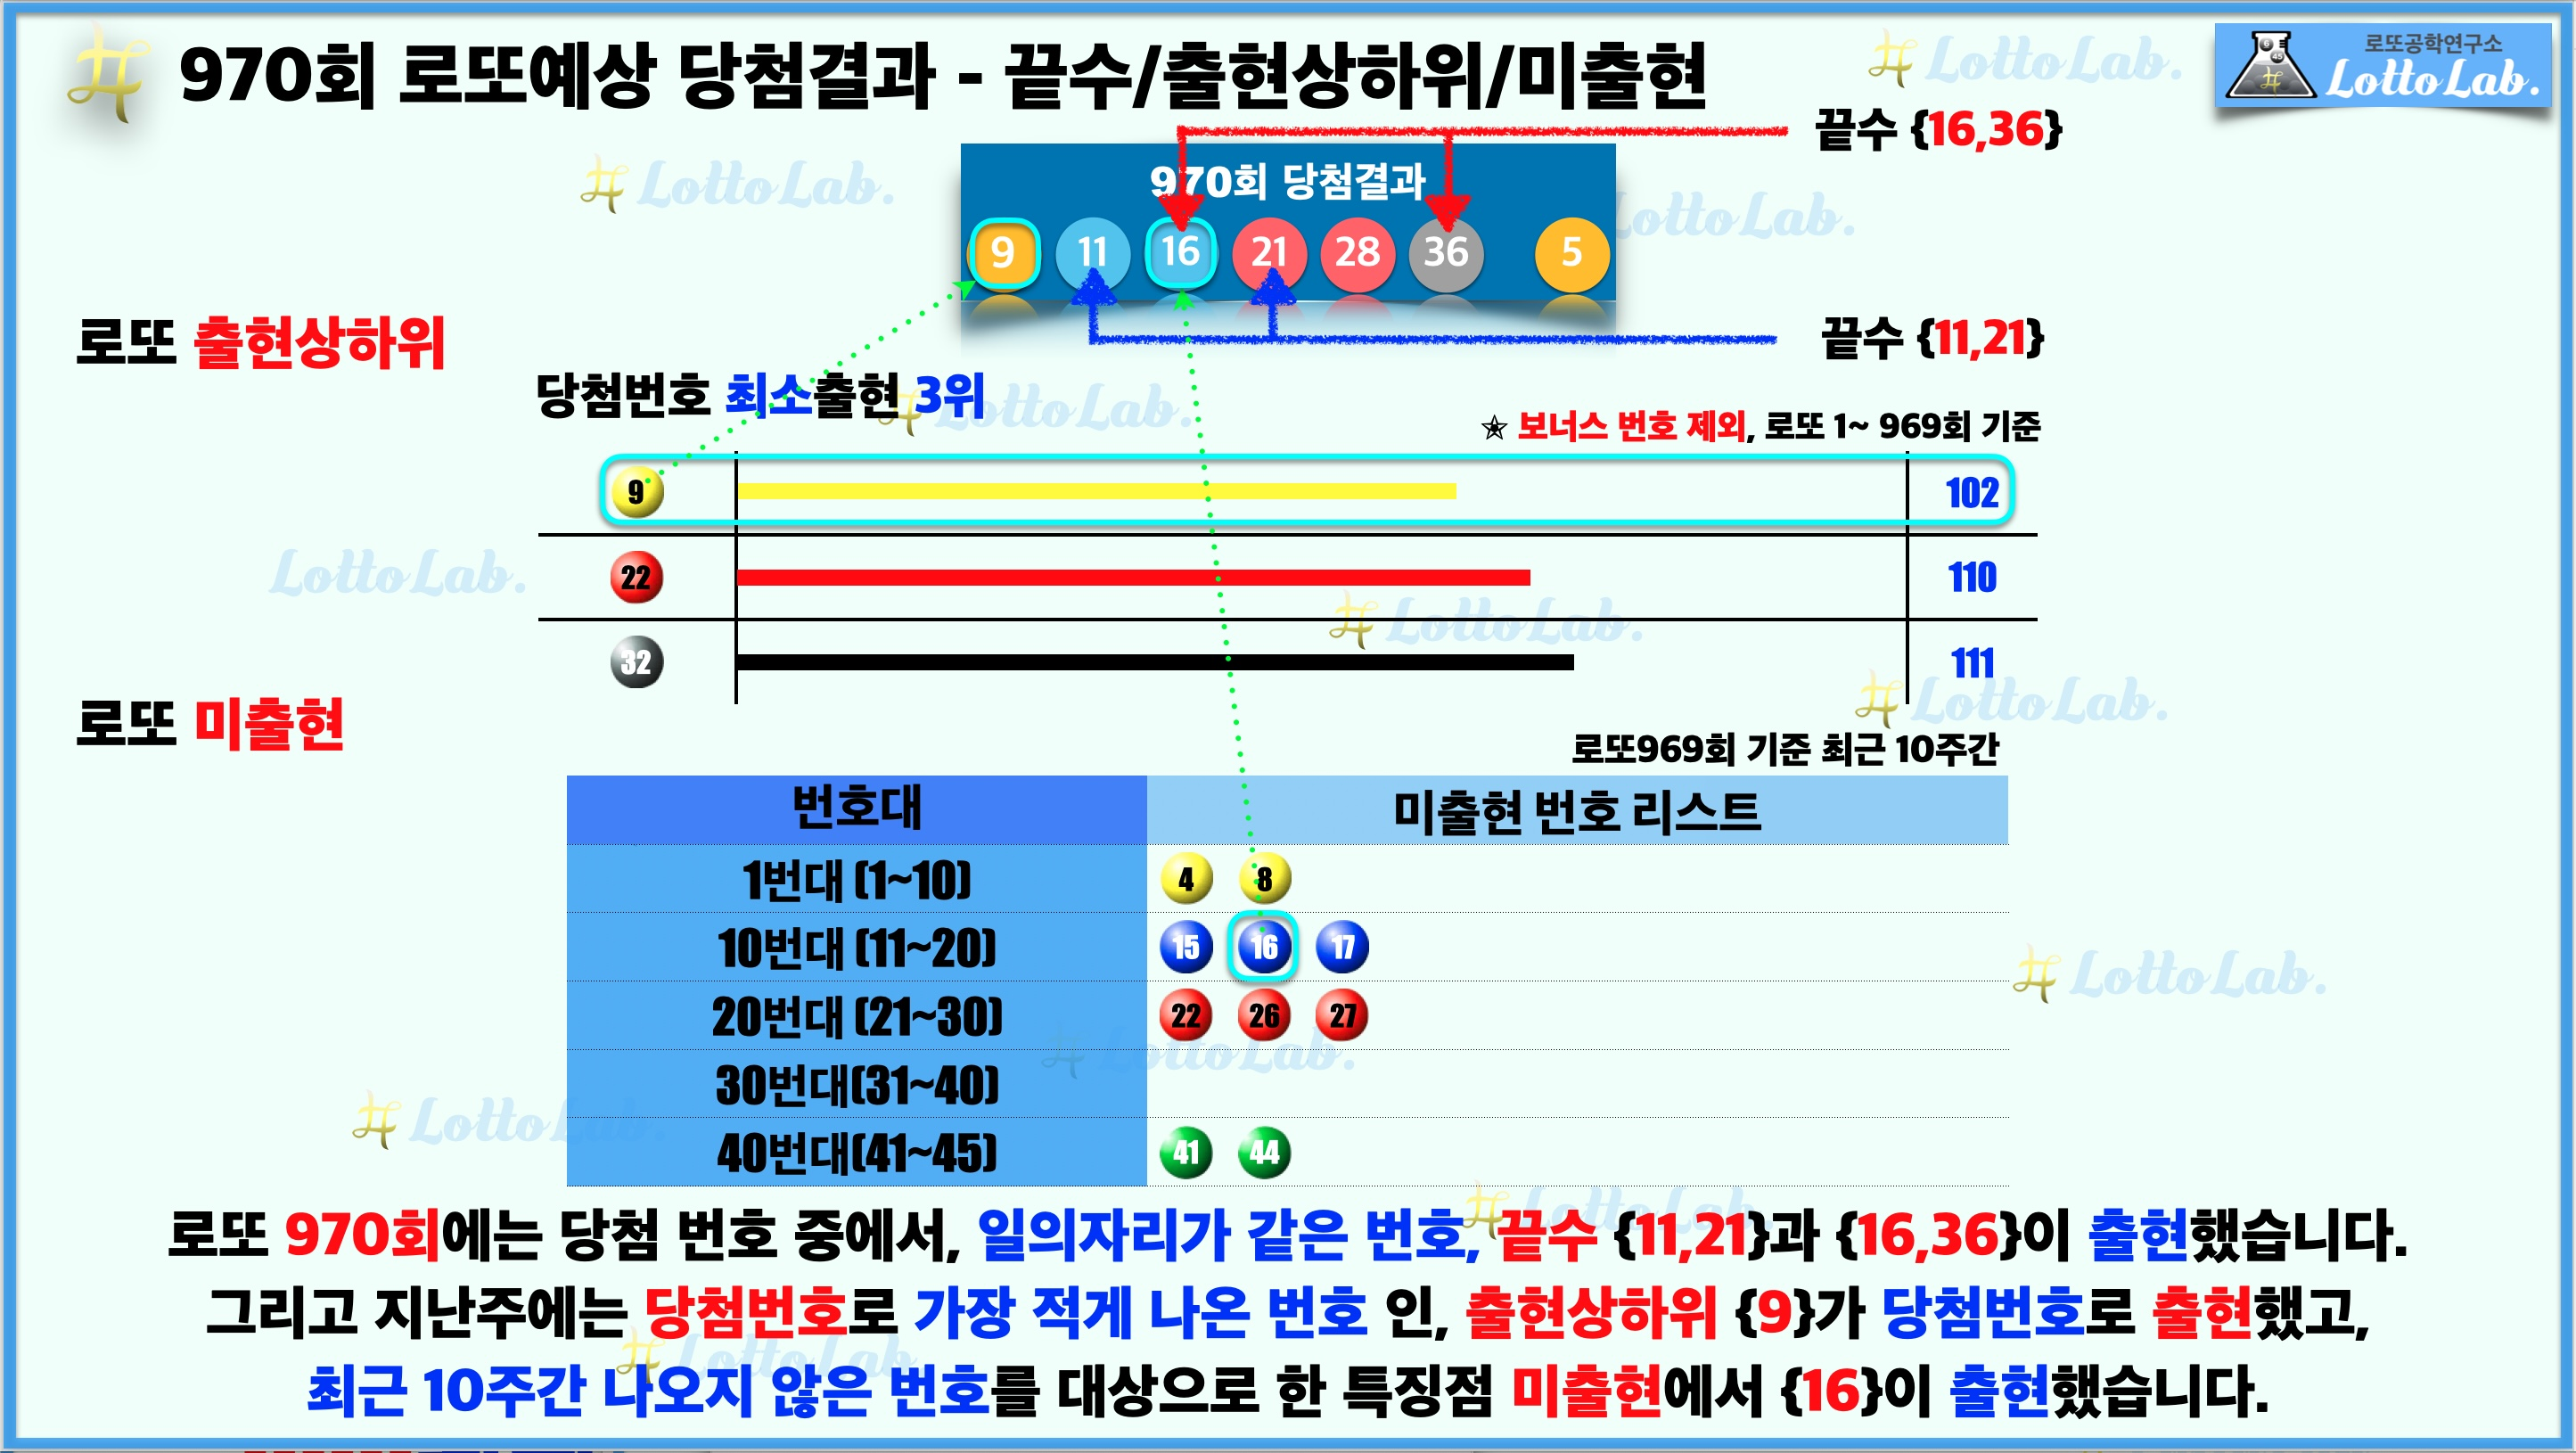 로또랩 로또970 예상결과 - 끝수 출현상하위 미출현